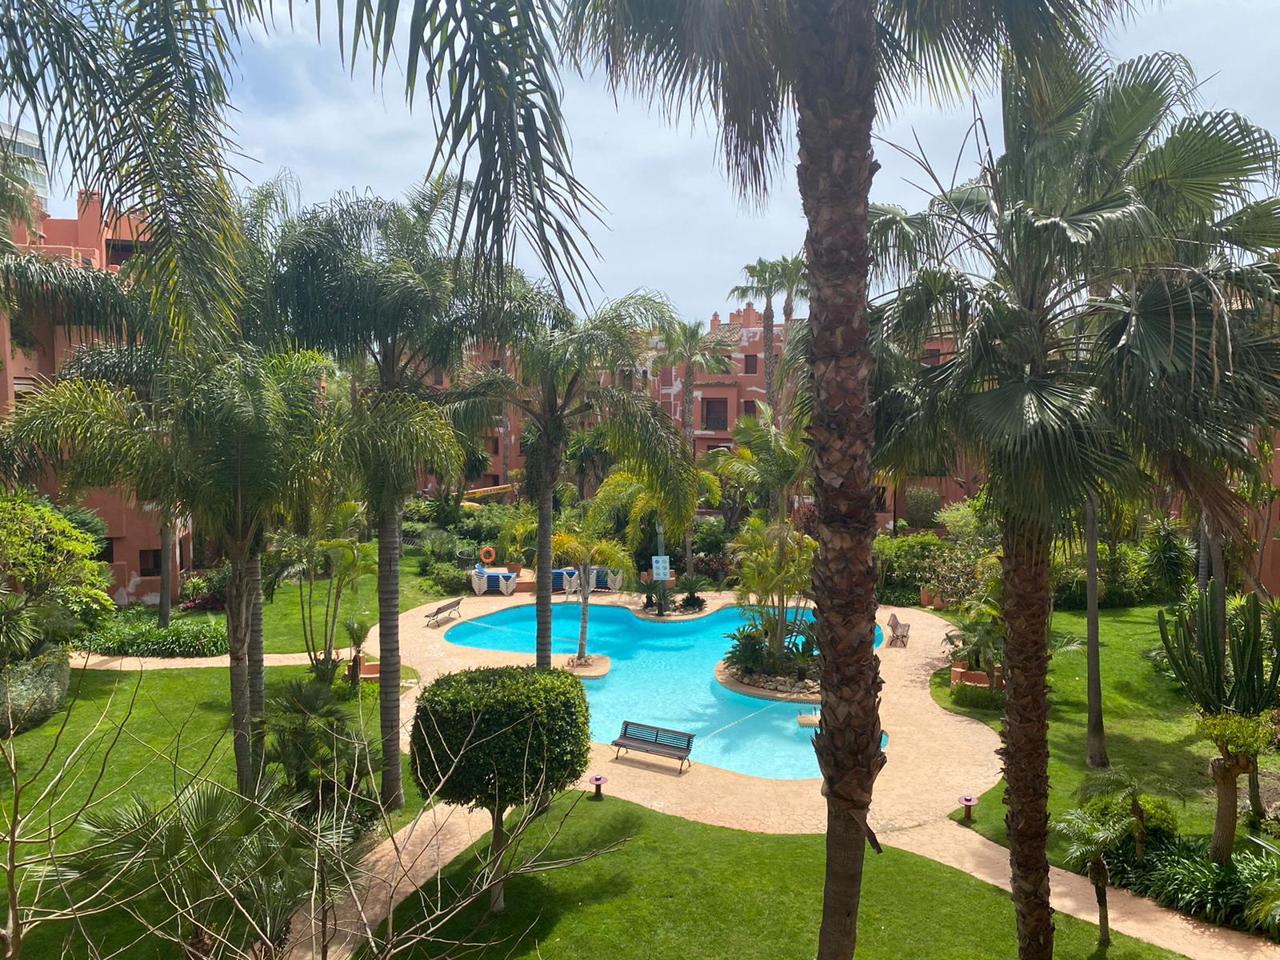 Increíble apartamento en la urbanización de lujo Alicate Playa, Marbella, Málaga